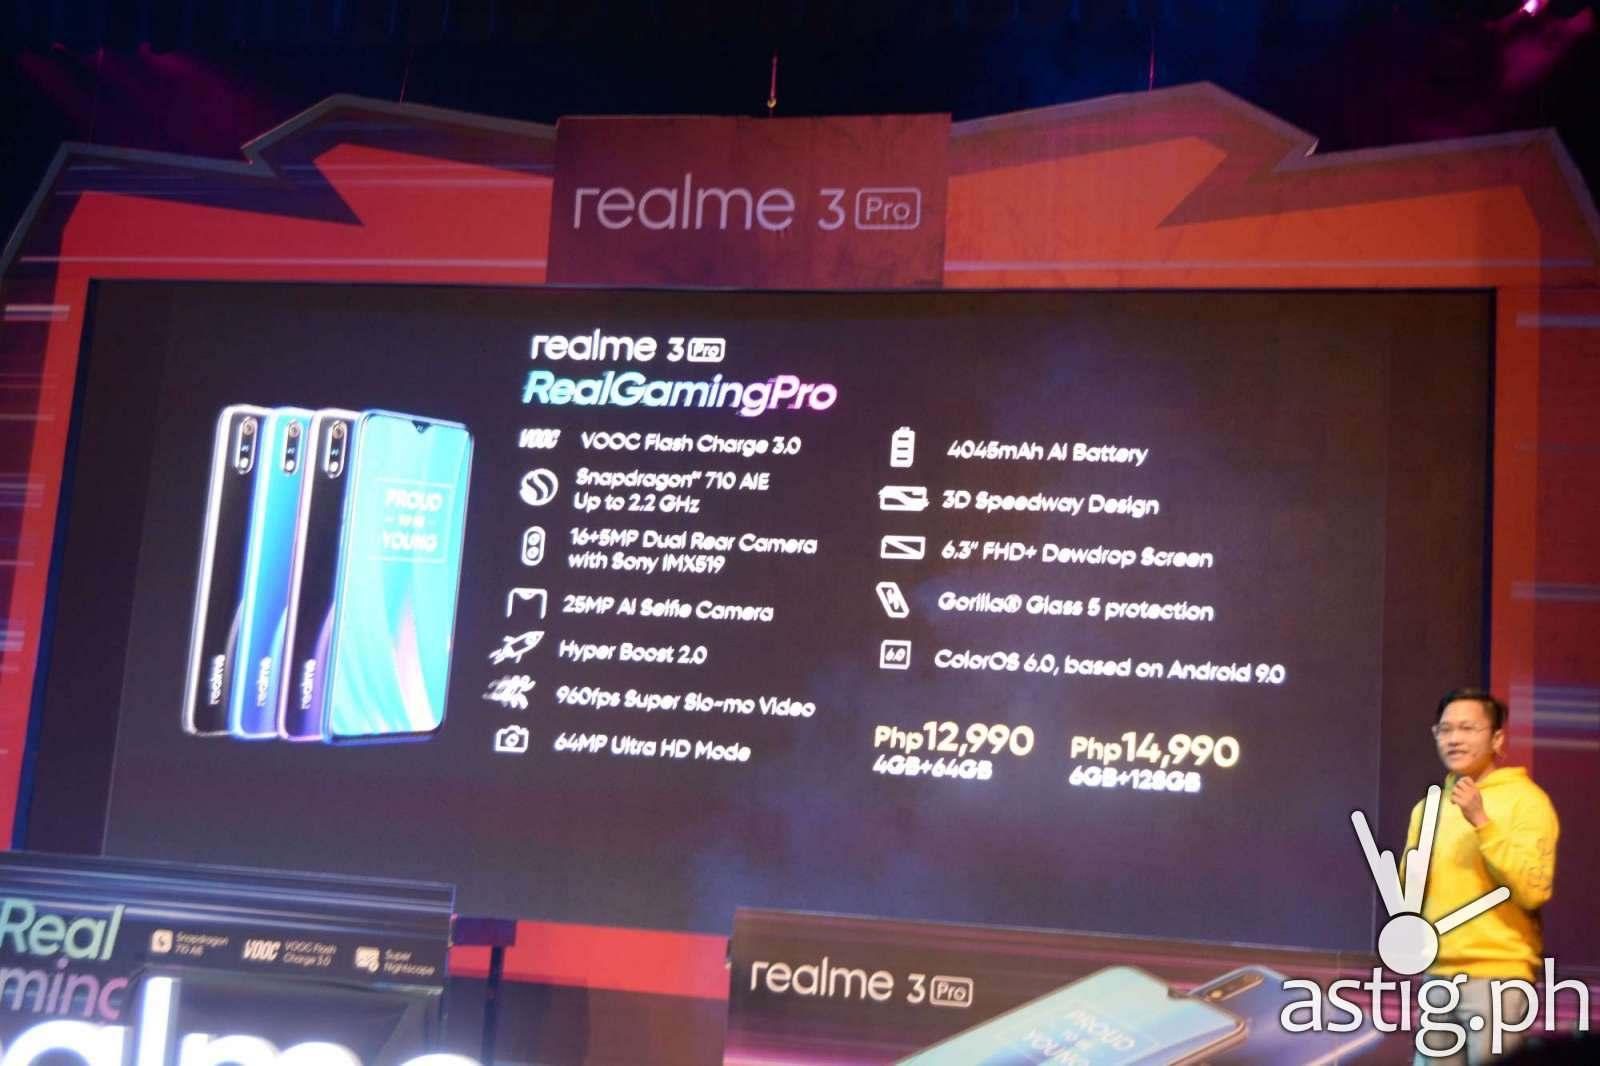 Realme 3 Pro (Philippines)